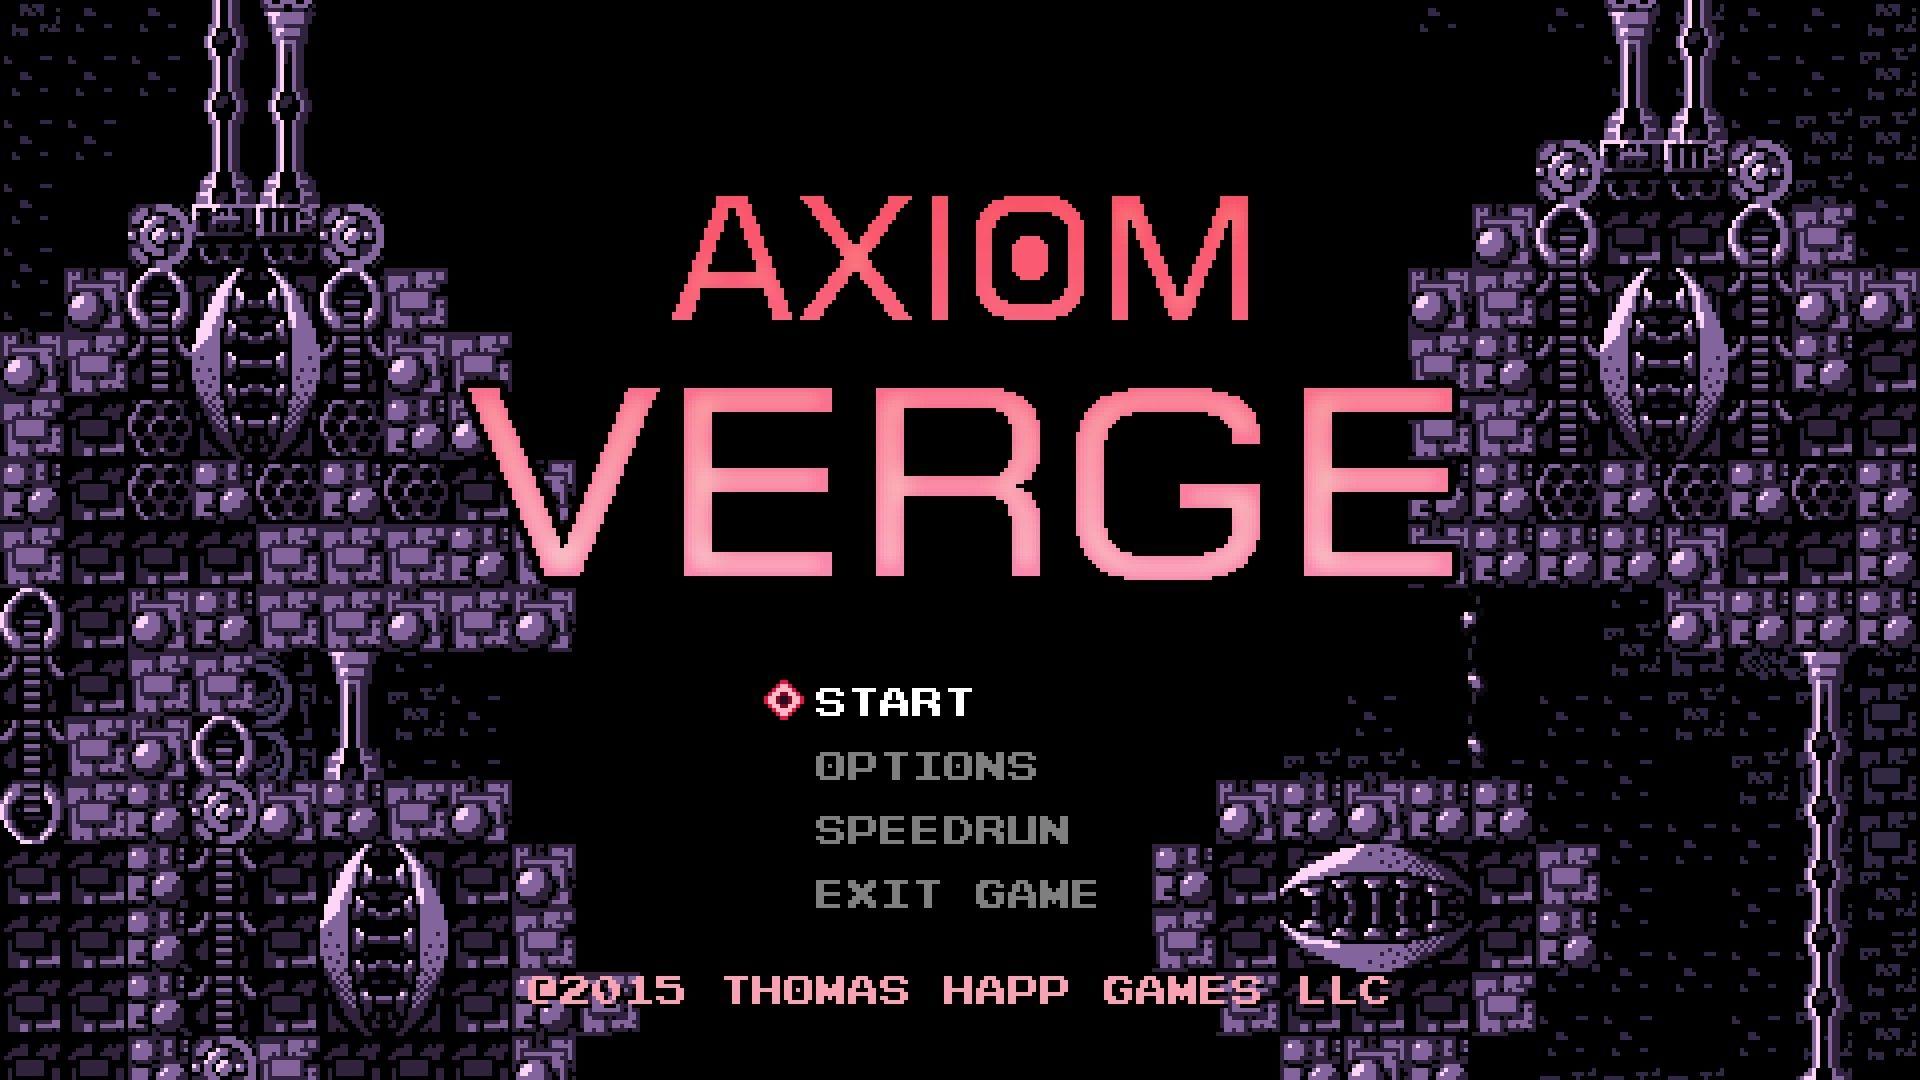 Axiom Verge Title Screen